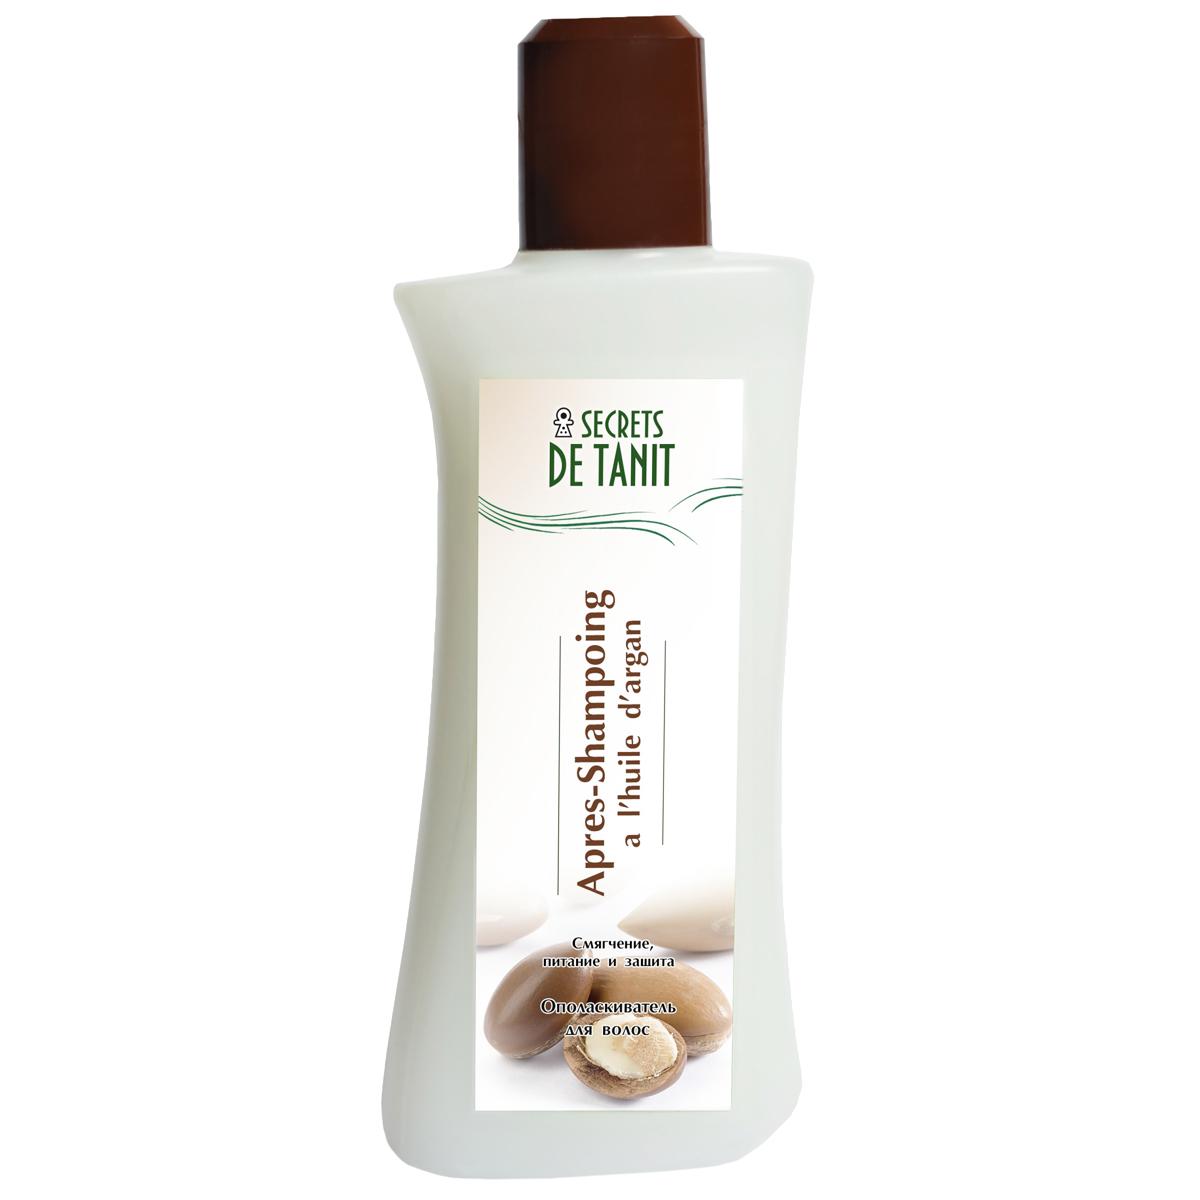 Secrets de Tanit Ополаскиватель для волос с маслом арганы, 200 мл1000023Ополаскиватель для волос облегчает расчесывание волос после мытья Шампунем с глиной Тфаль( Гассуль) , питает волосы, покрывает их защитной пленкой. Ополаскиватель содержит масло арганы, которое отлично восстанавливает поврежденные волосы по всей длине, придает им блеск и сияние. Способ применения: нанести на чистые волосы ополаскиватель на 3 минуты